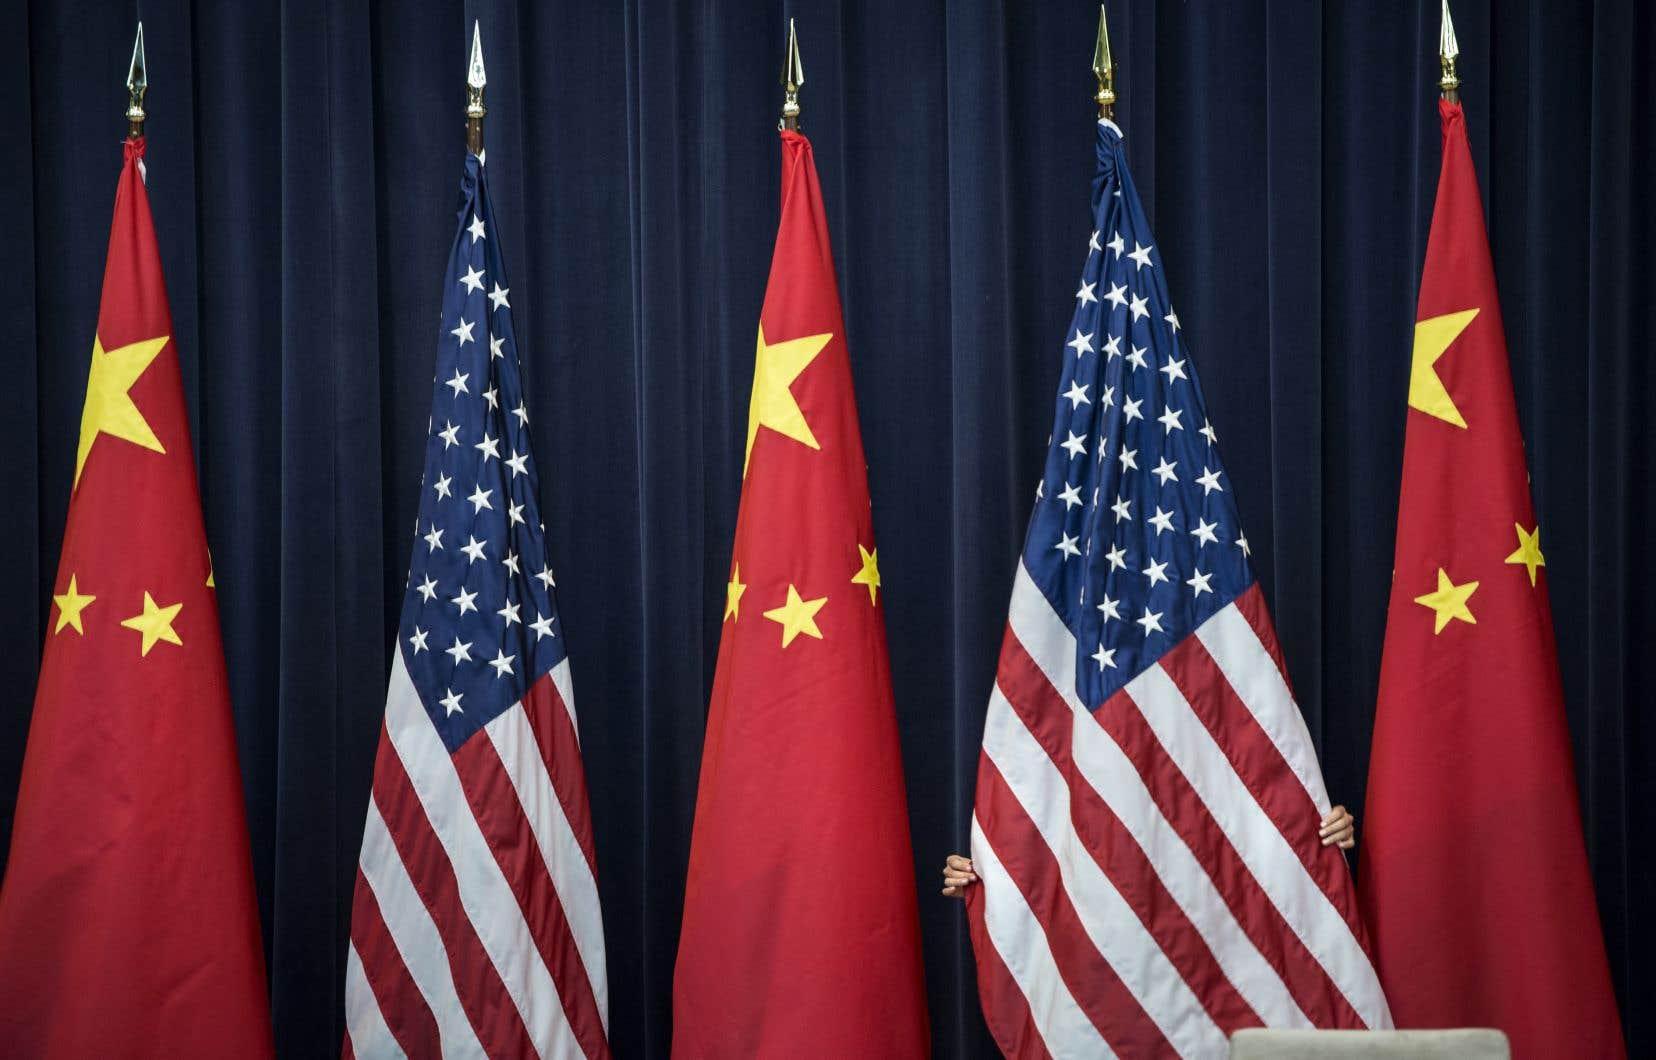 Le FMI estime que la guerre commerciale entre la Chine et les États-Unis entraînera une réduction cumulée du produit intérieur brut (PIB) mondial de 0,8% d'ici 2020.